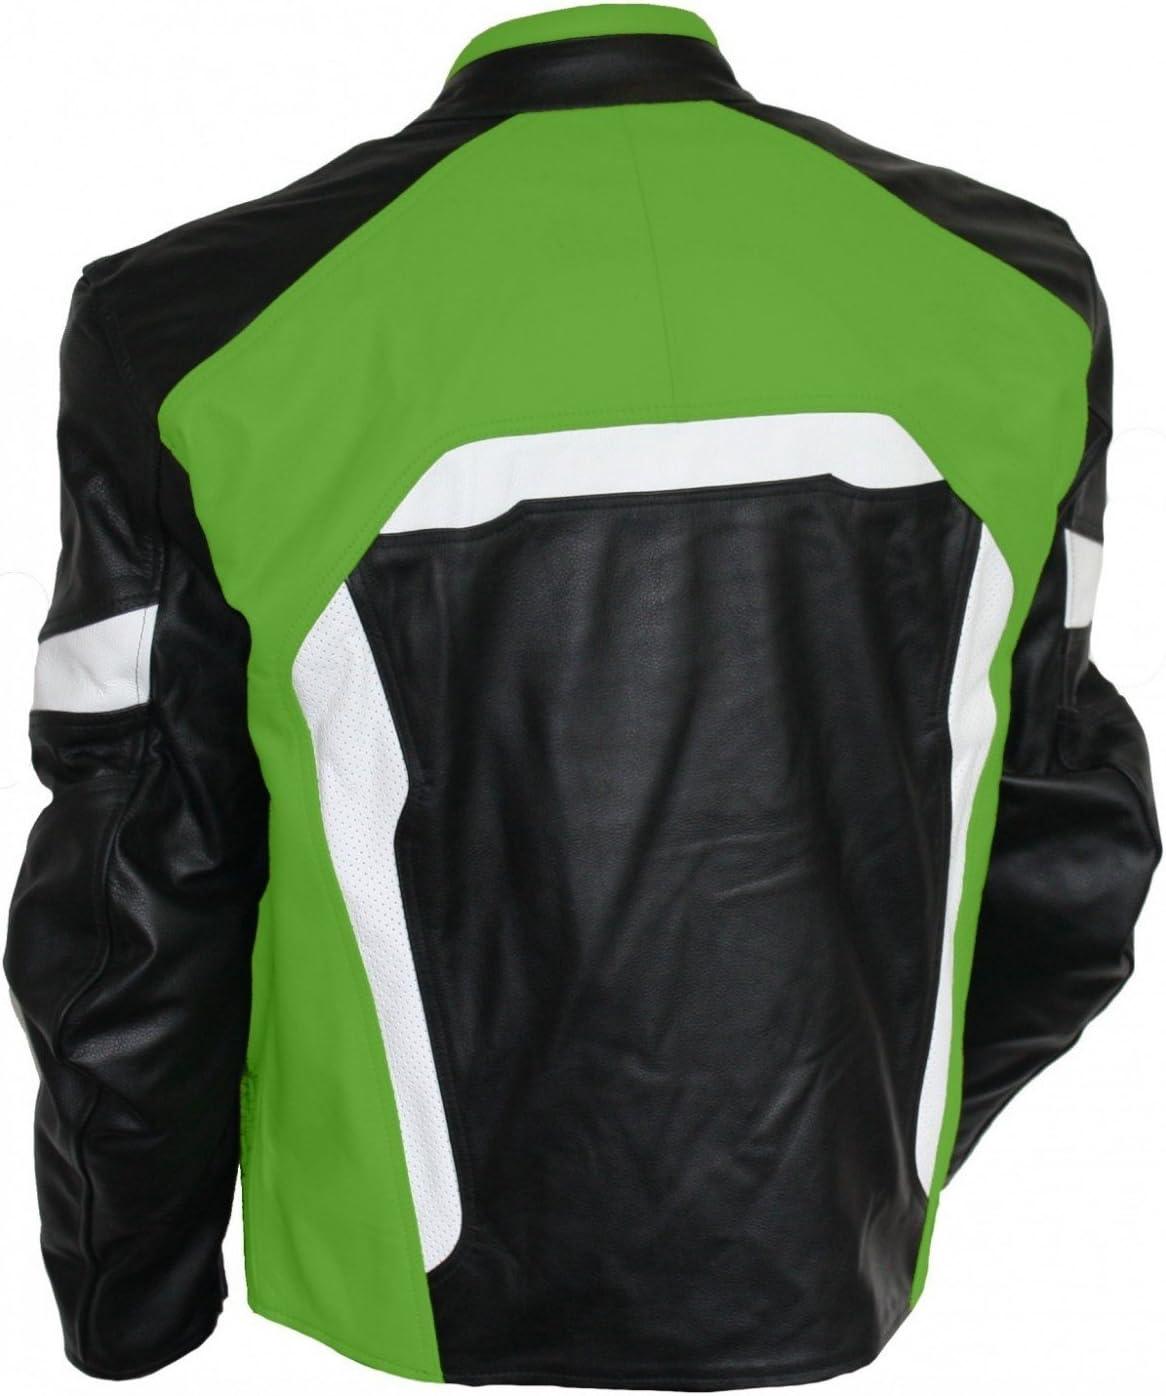 German Wear Motorradjacke Lederjacke Biker lederjacke 4x Farbauswahl Frabe:Dunkelblau;Gr/ö/ße:L